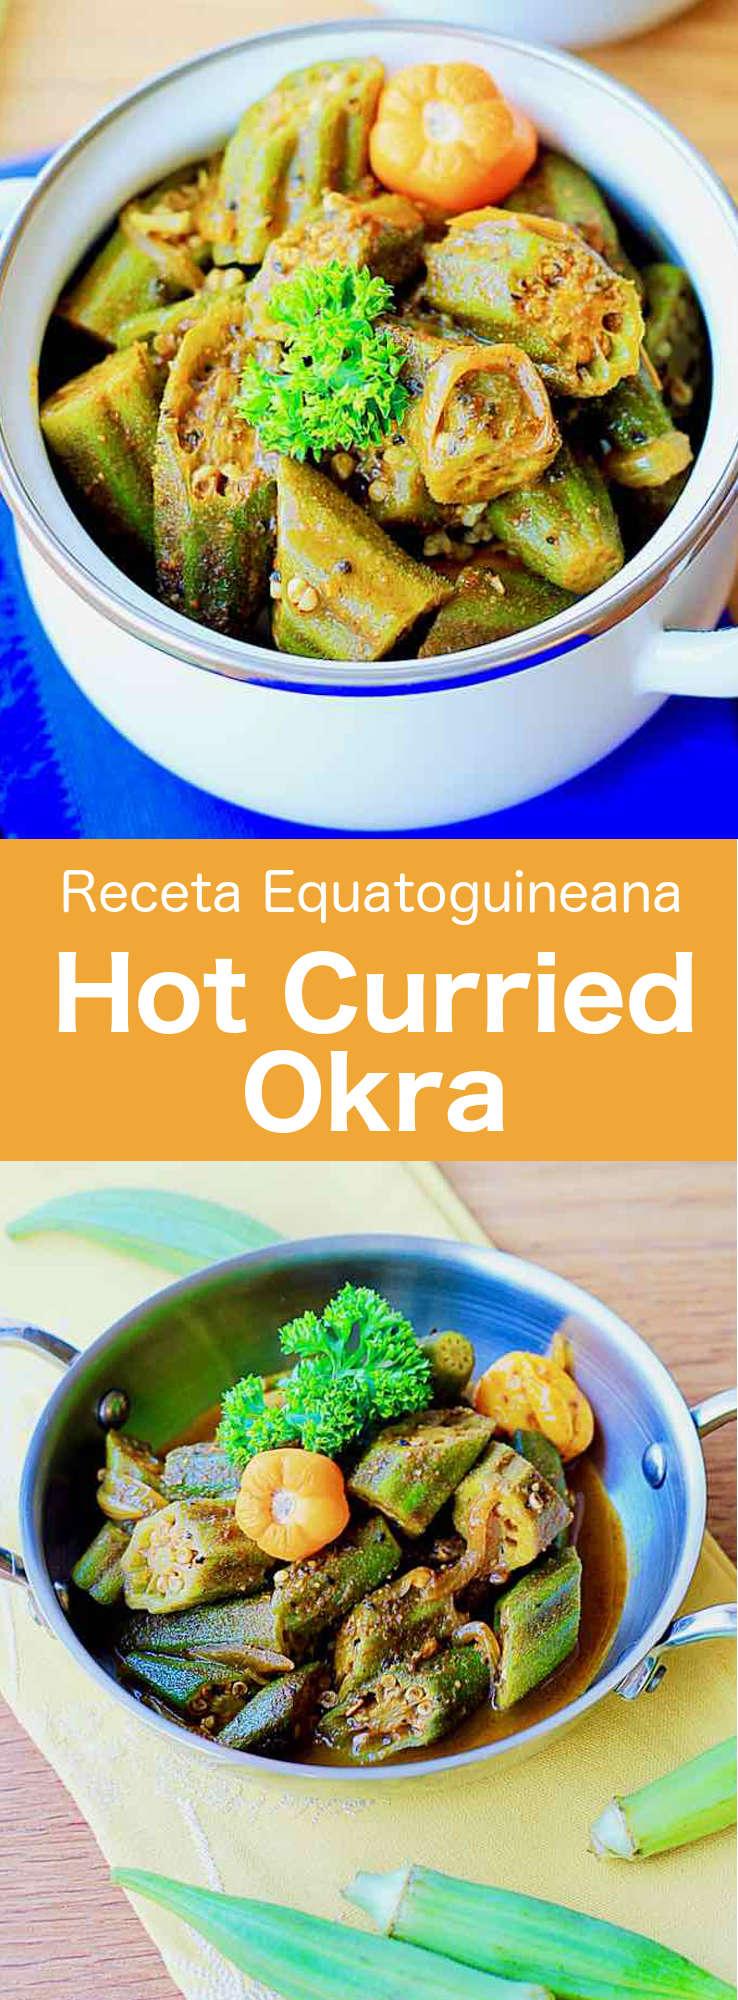 El hot curried okra es un delicioso plato vegetariano picante, popular en Guinea Ecuatorial, preparado con okra y chile habanero.